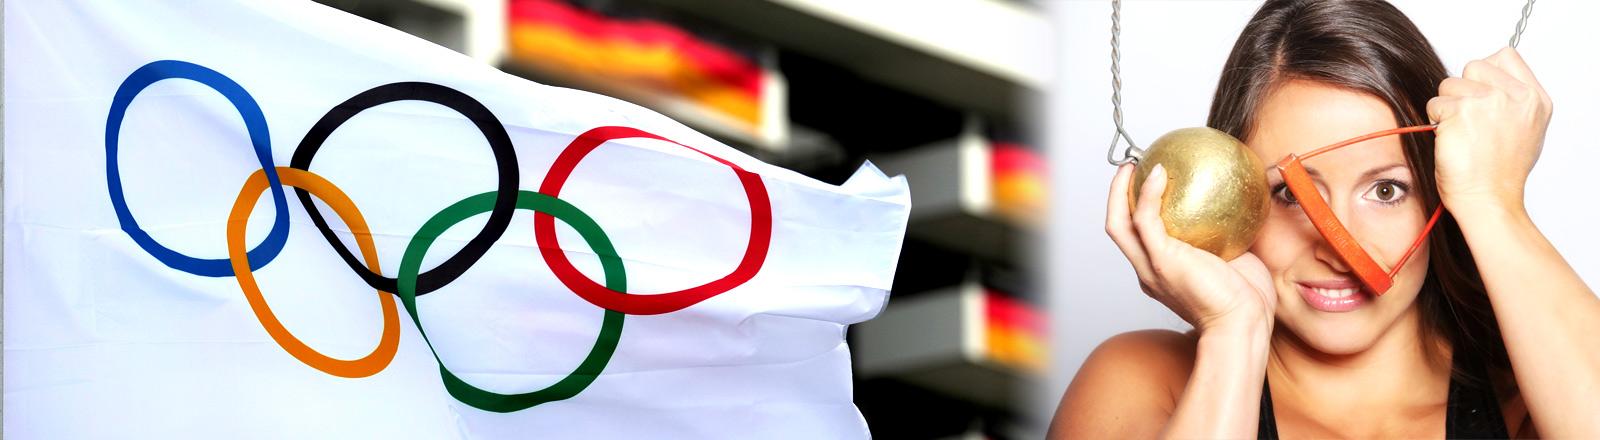 Bildcollage: Hammerwerferin Kathrin Klaas und die Olympische Flagge vor dem olympischen Dorf in Rio.